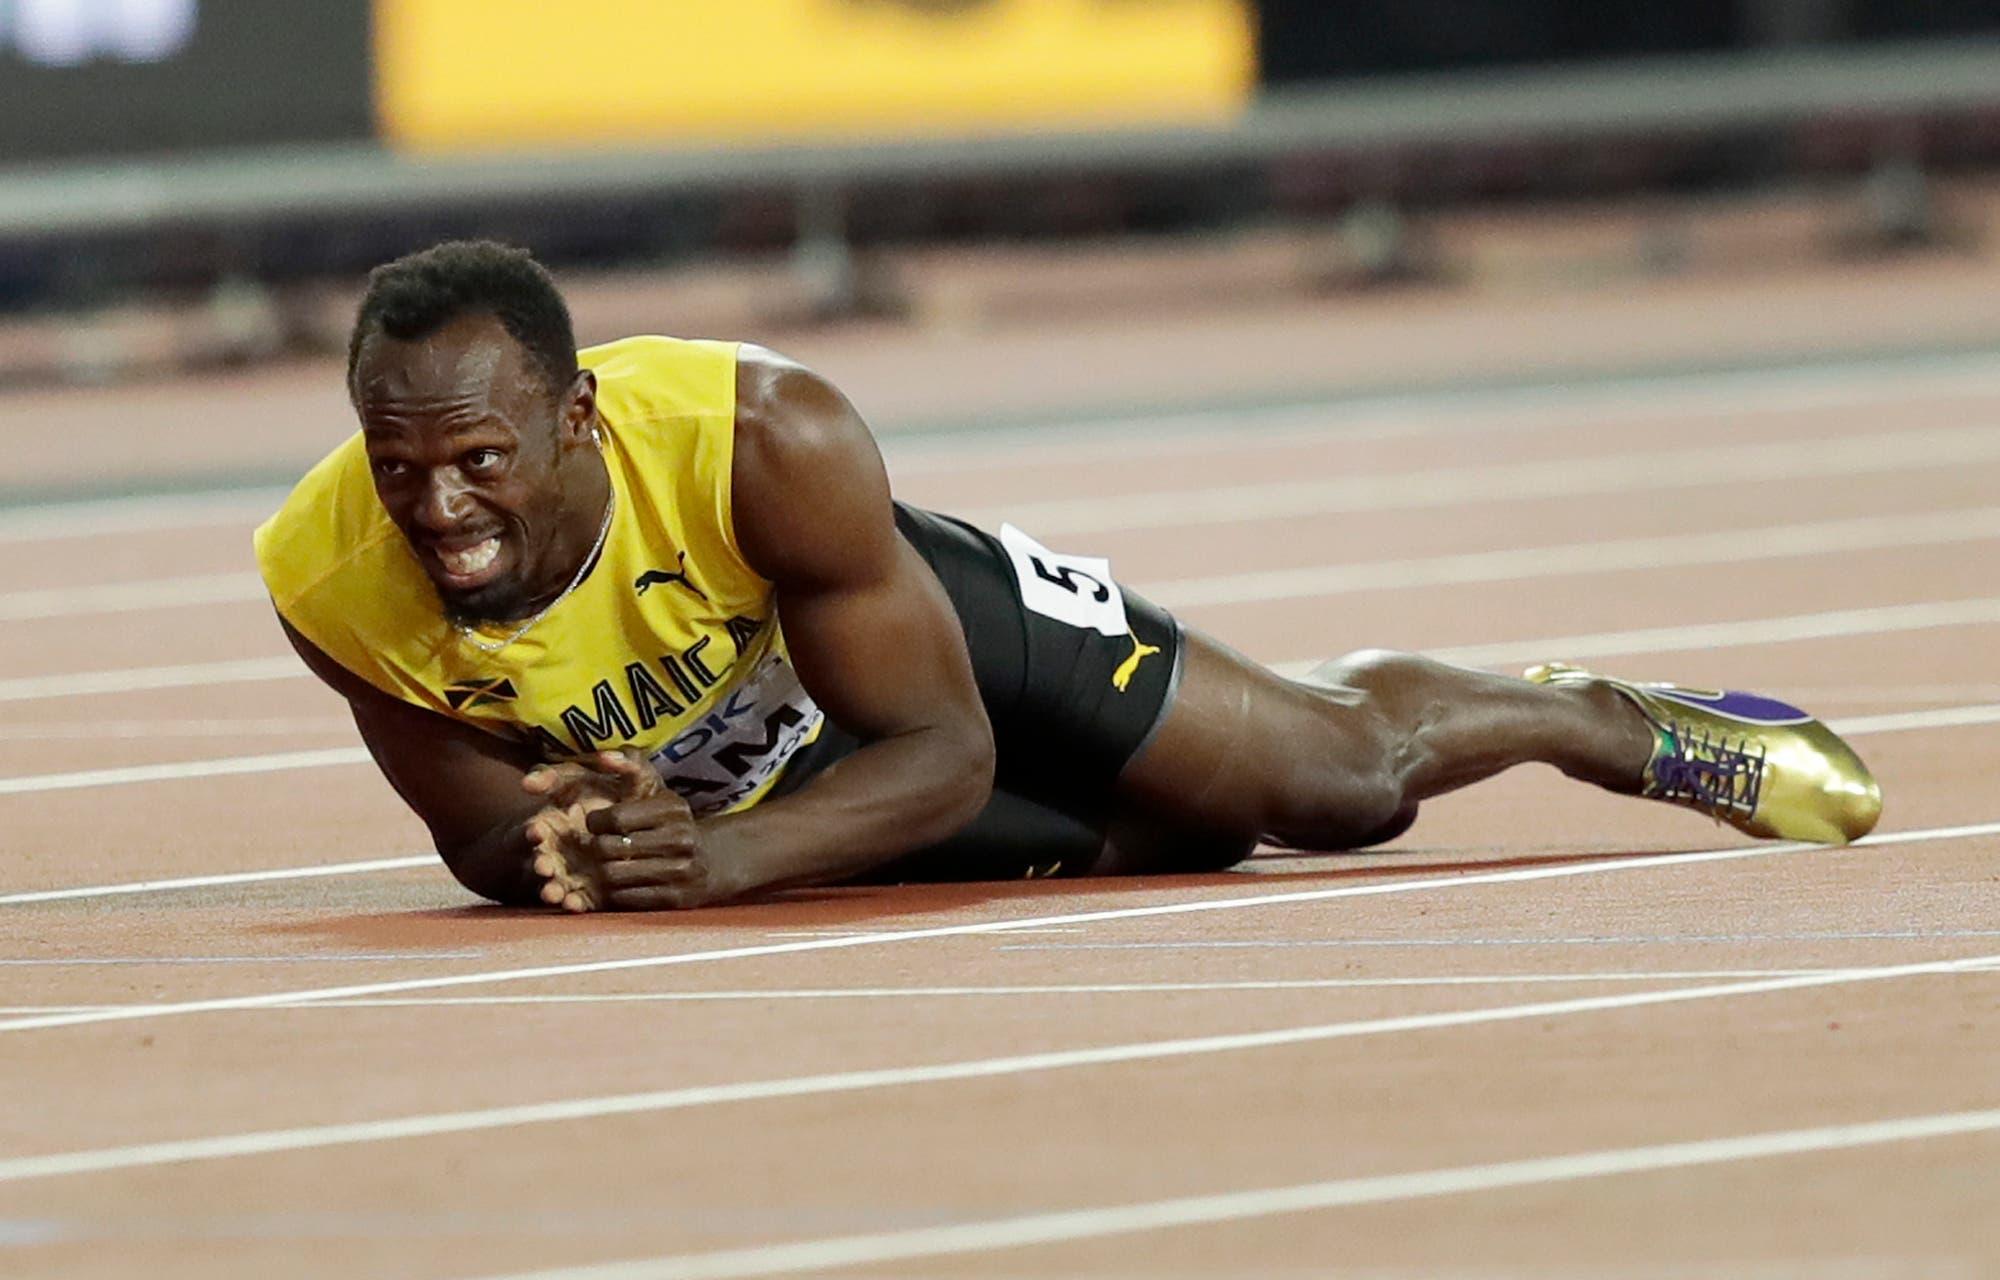 Usain Bolt tirado en la pista tras sufrir una lesión en la final del relevo 4x100 del Mundial de atletismo, en Londres, el sábado 12 de agosto de 2017. (AP Foto/Tim Ireland)